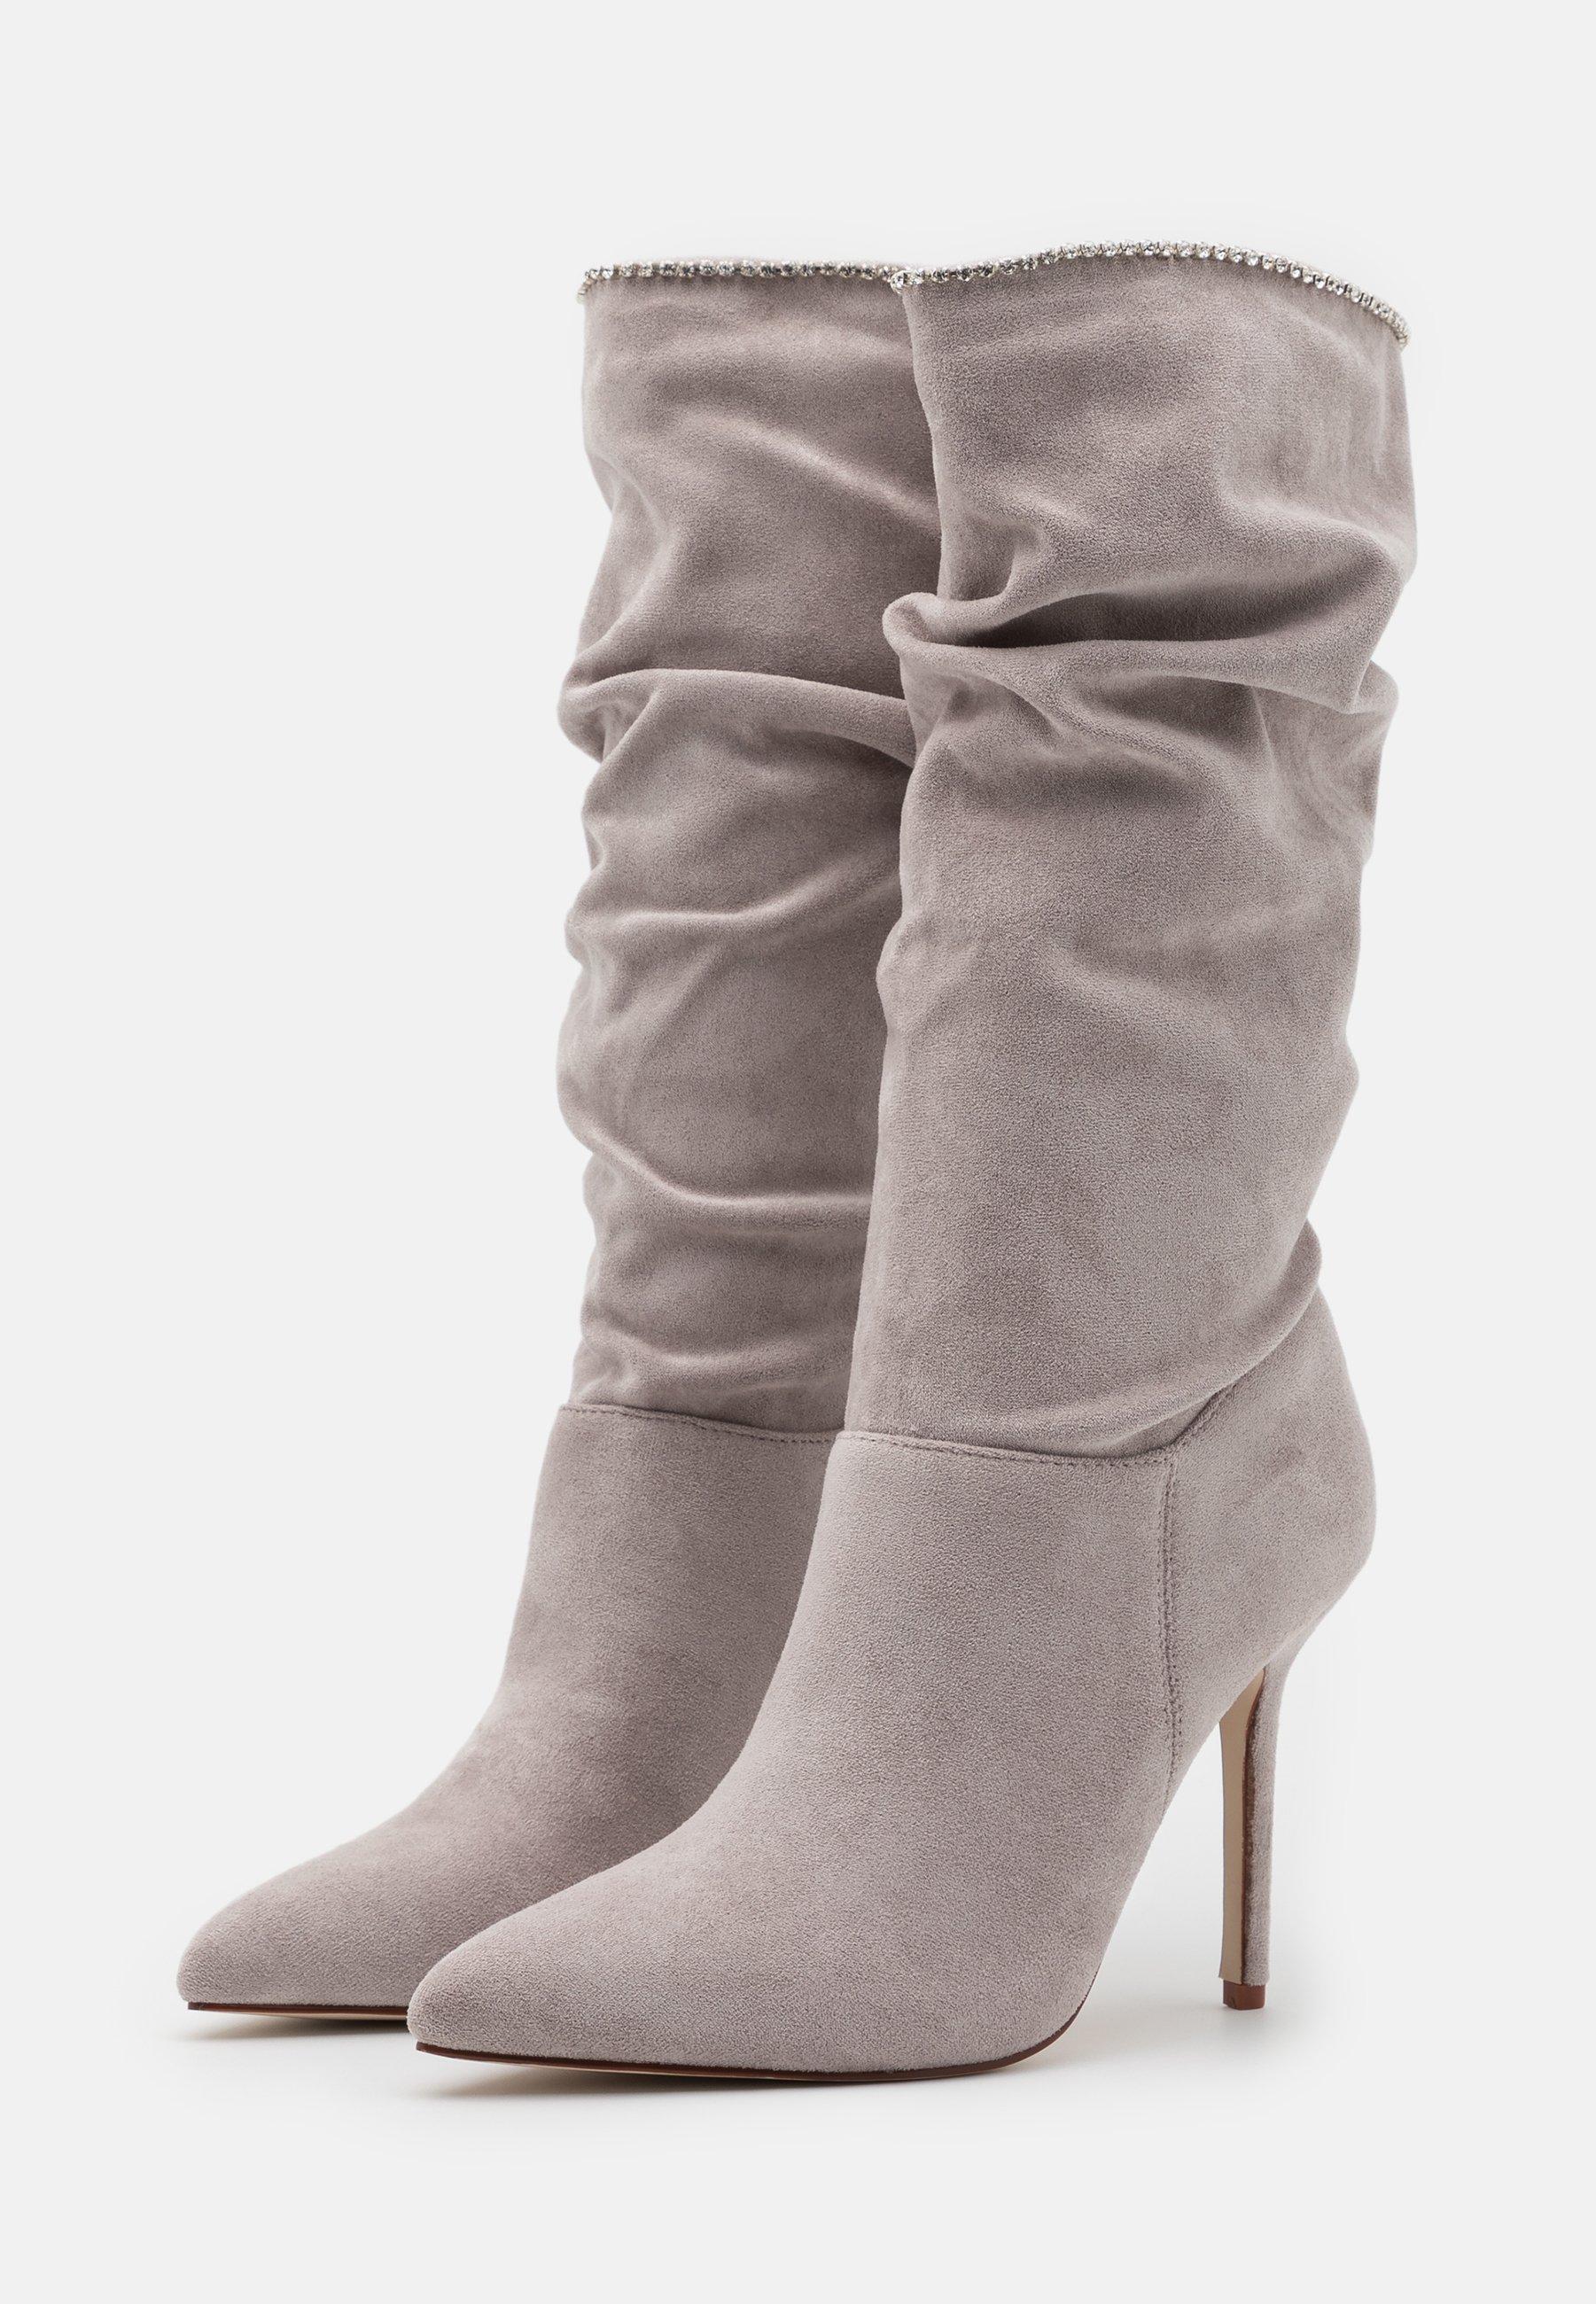 BEBO SHORE High Heel Stiefel grey/grau